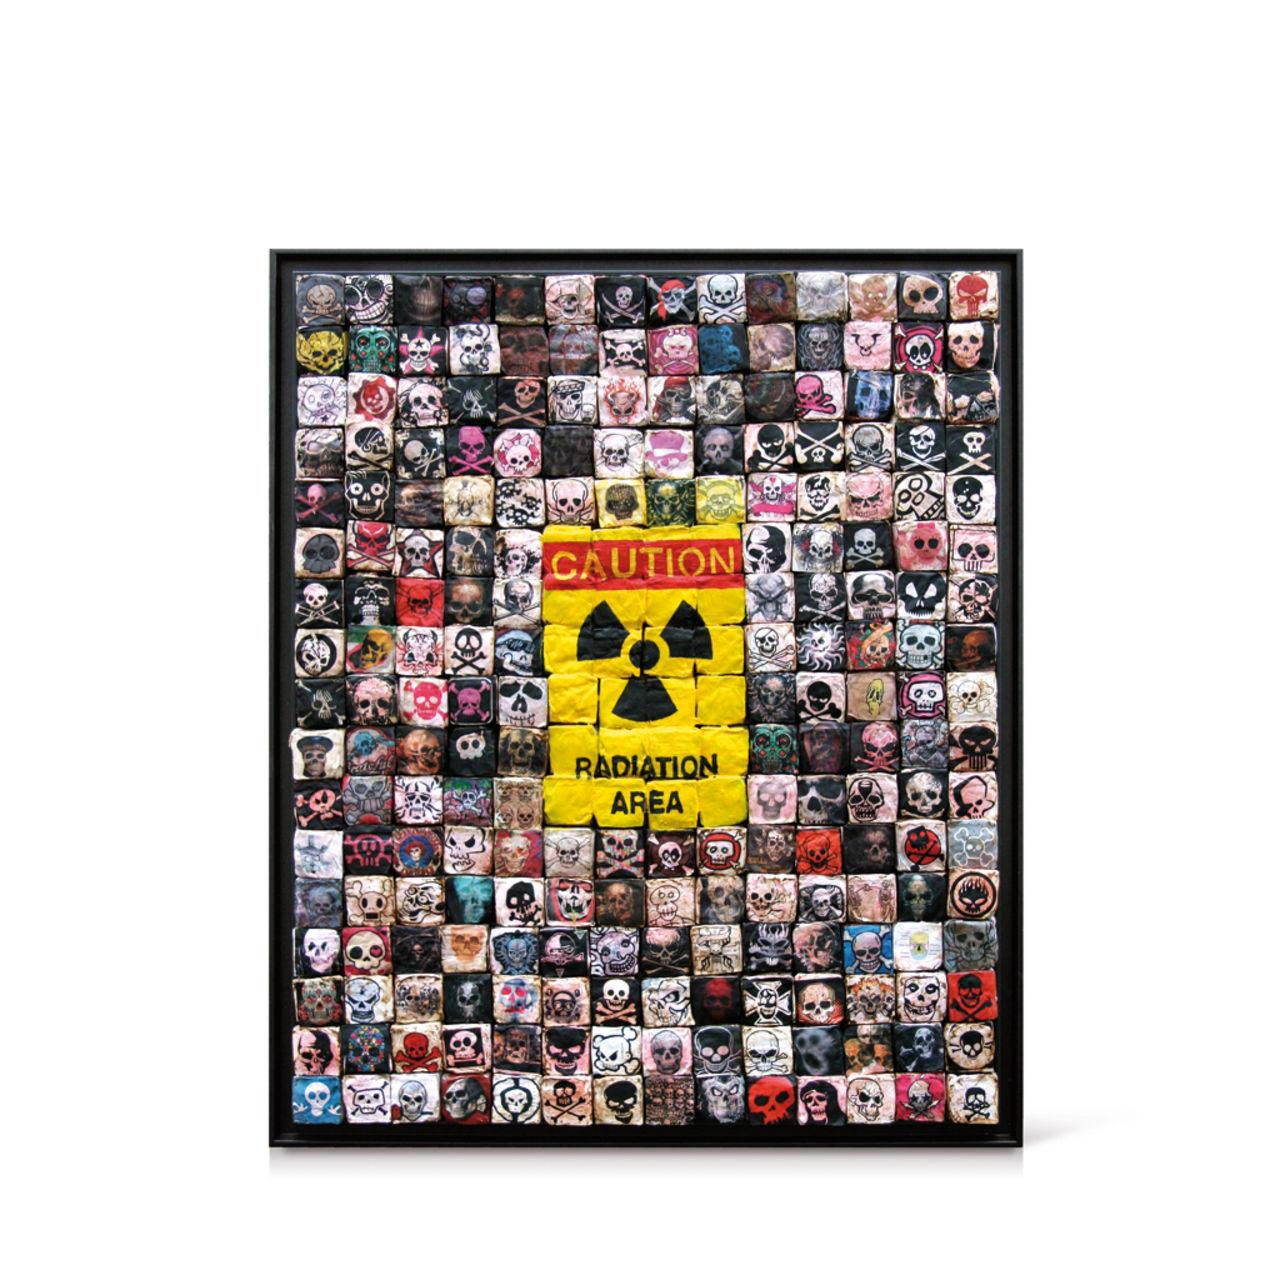 jean-michel buche 79 - Radiation area